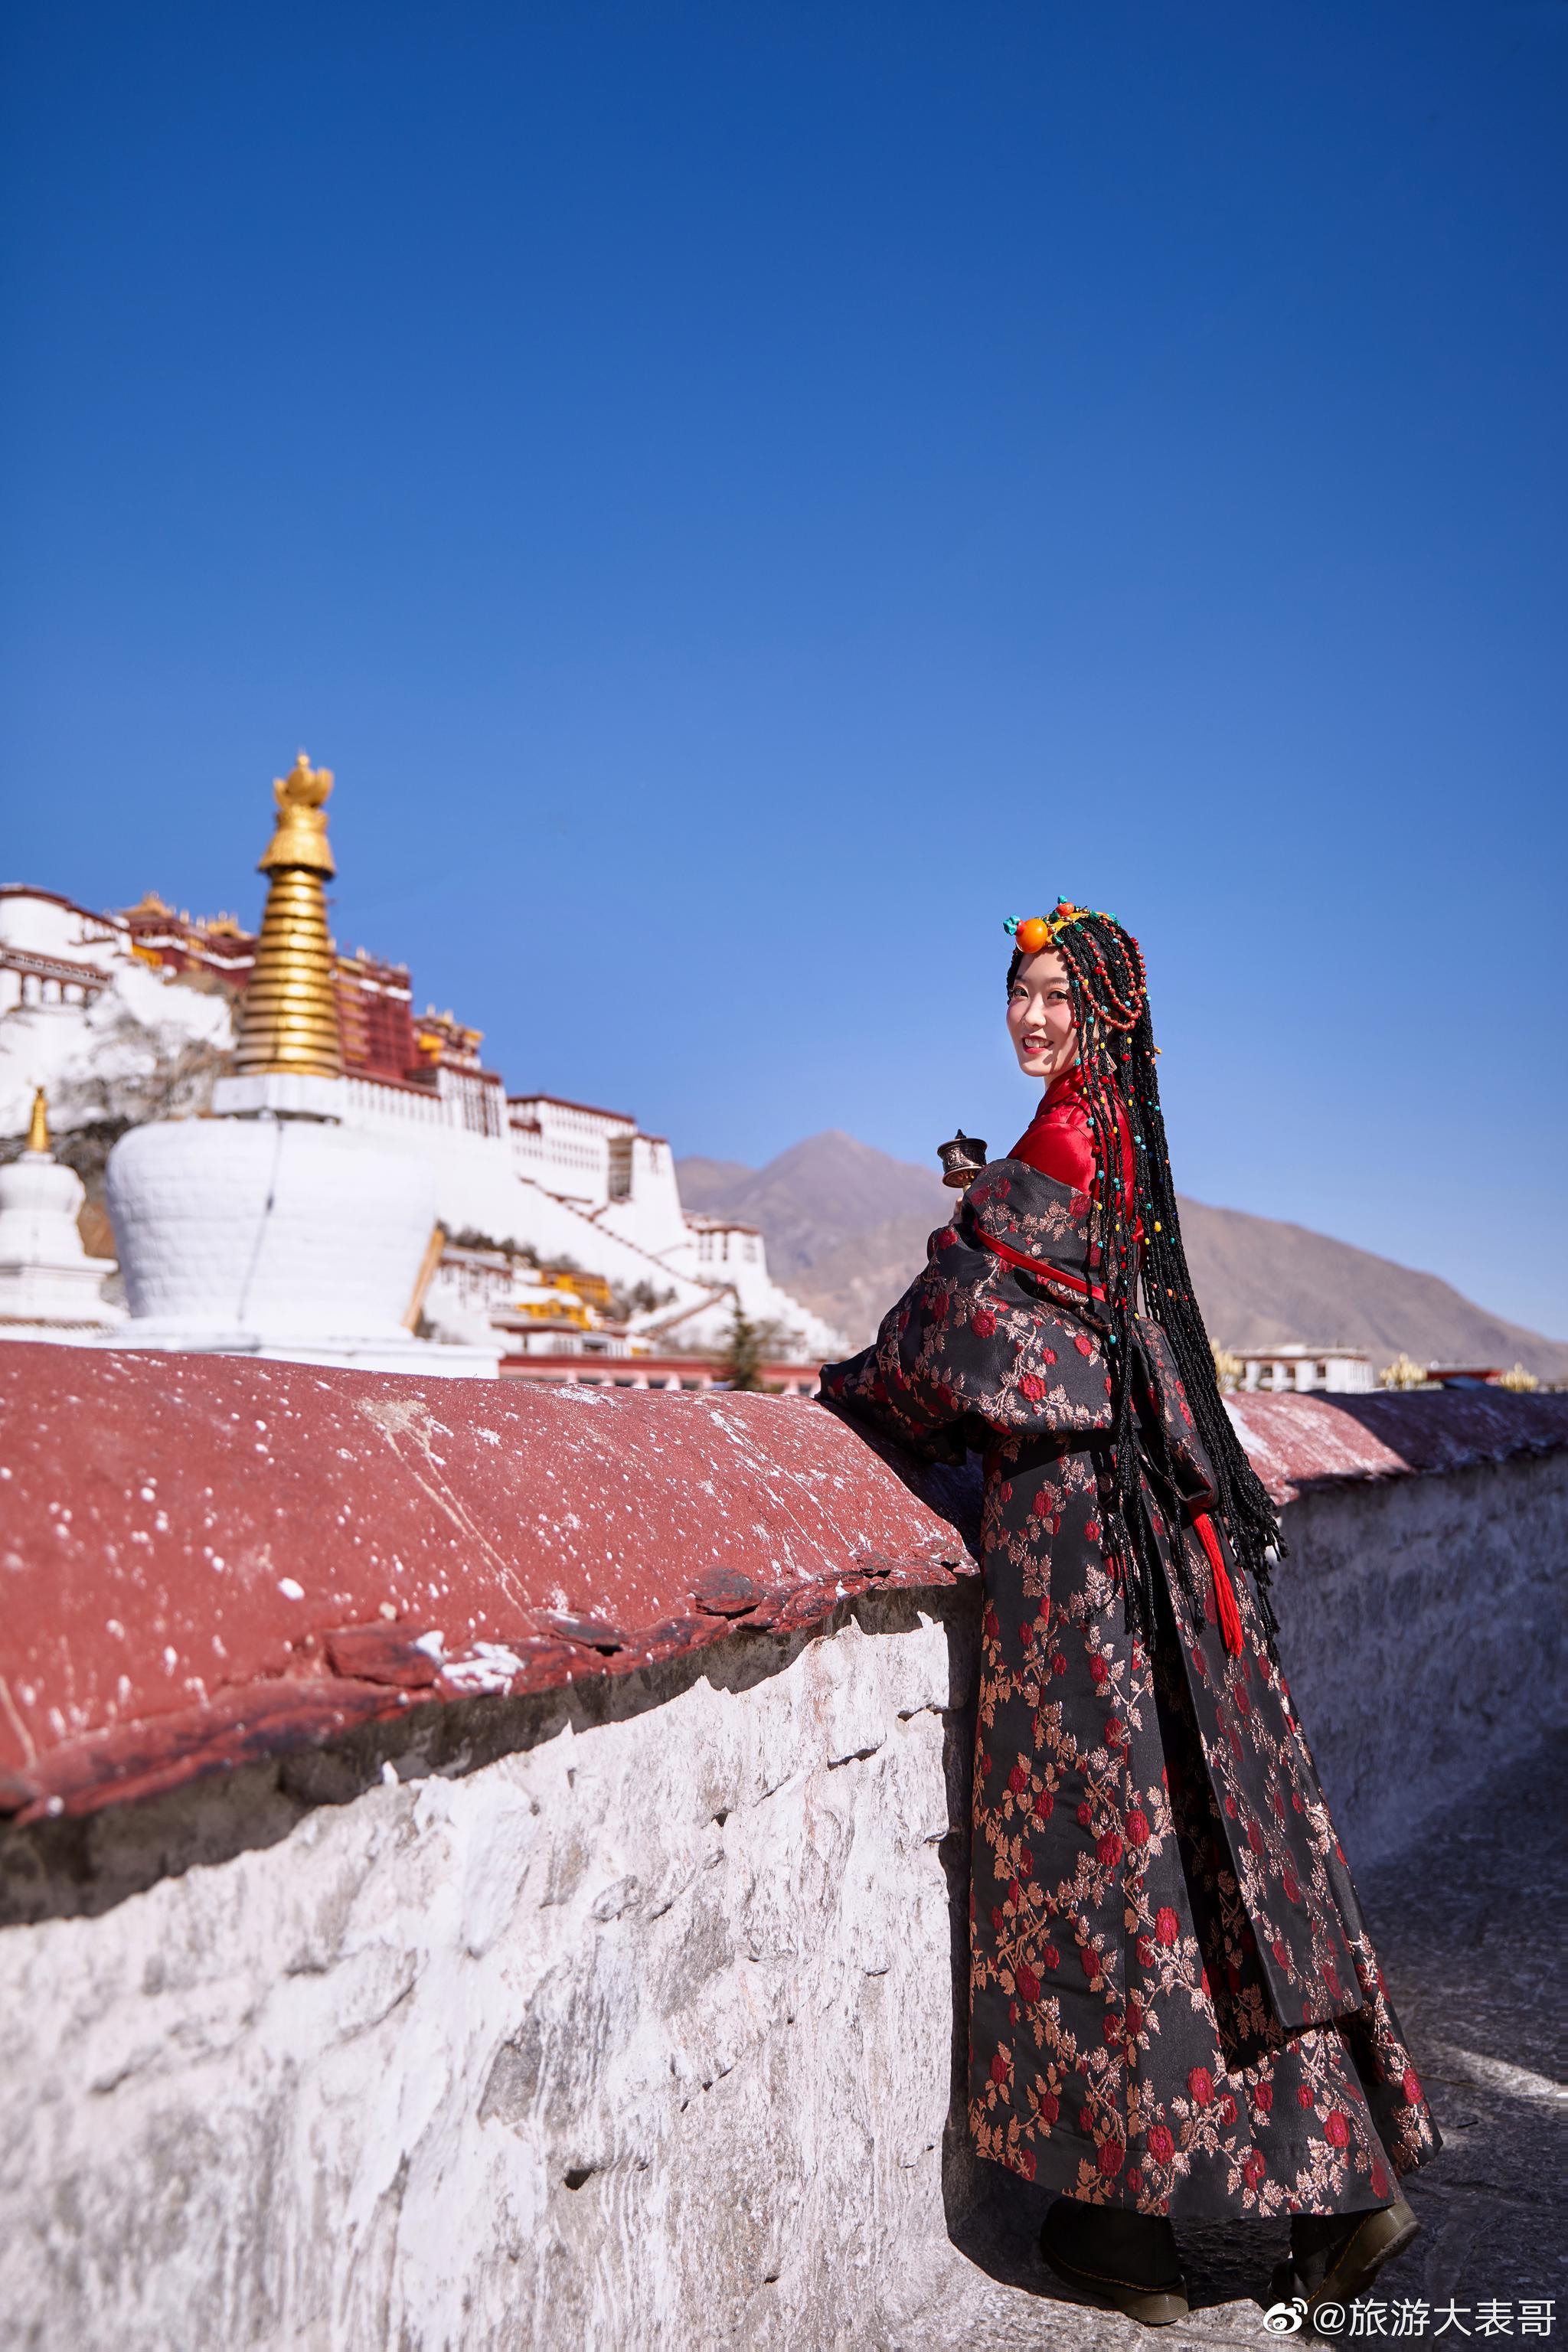 山有顶峰,海有彼岸,来趟西藏拉萨,慢慢长途,终有回转。